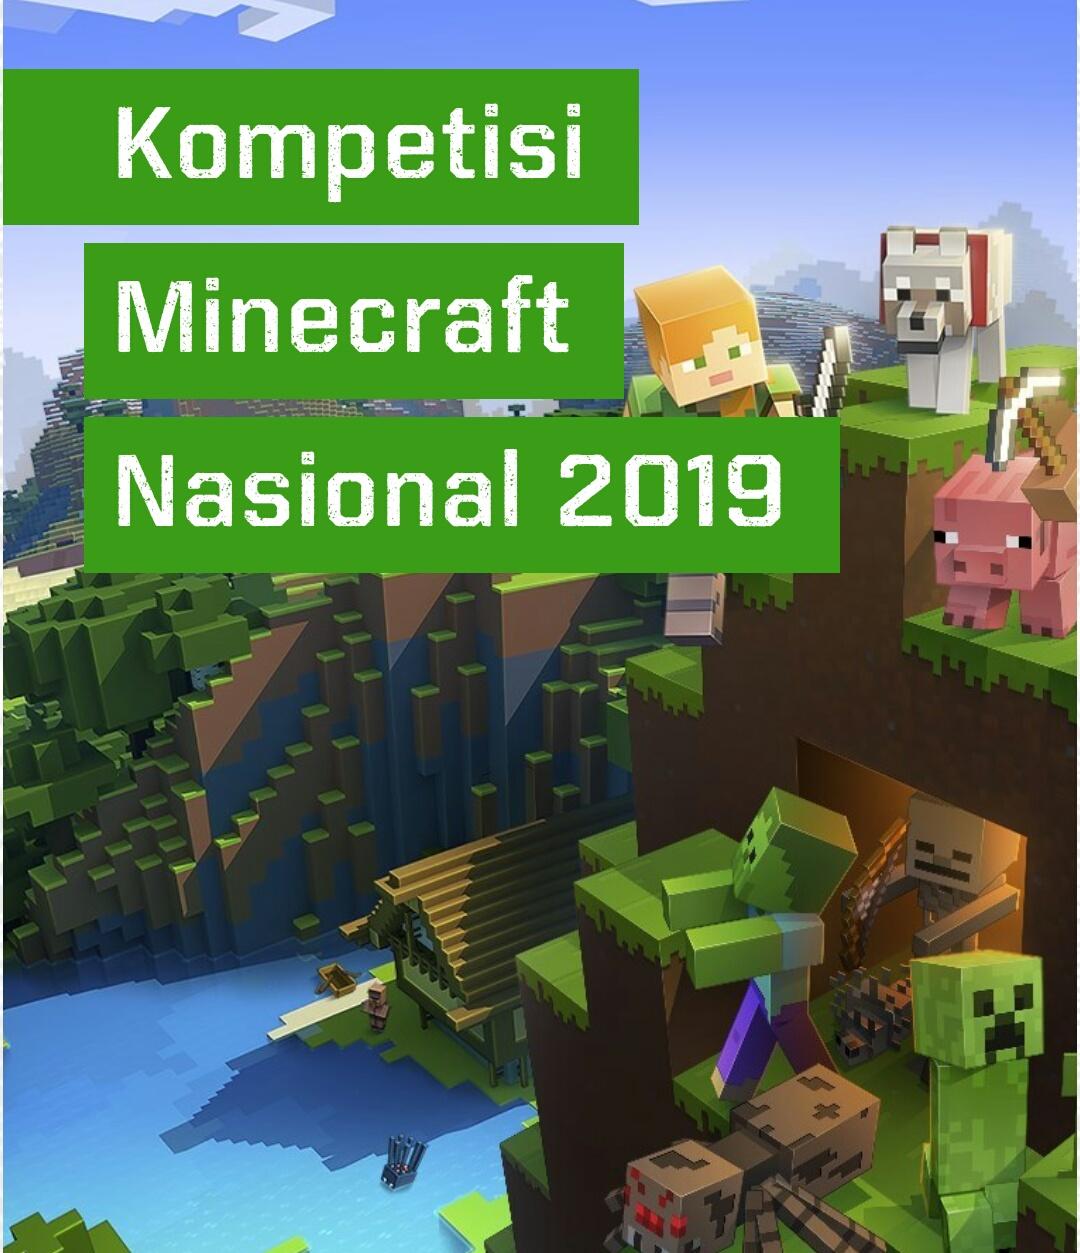 Kompetisi Minecraft Nasional 2019